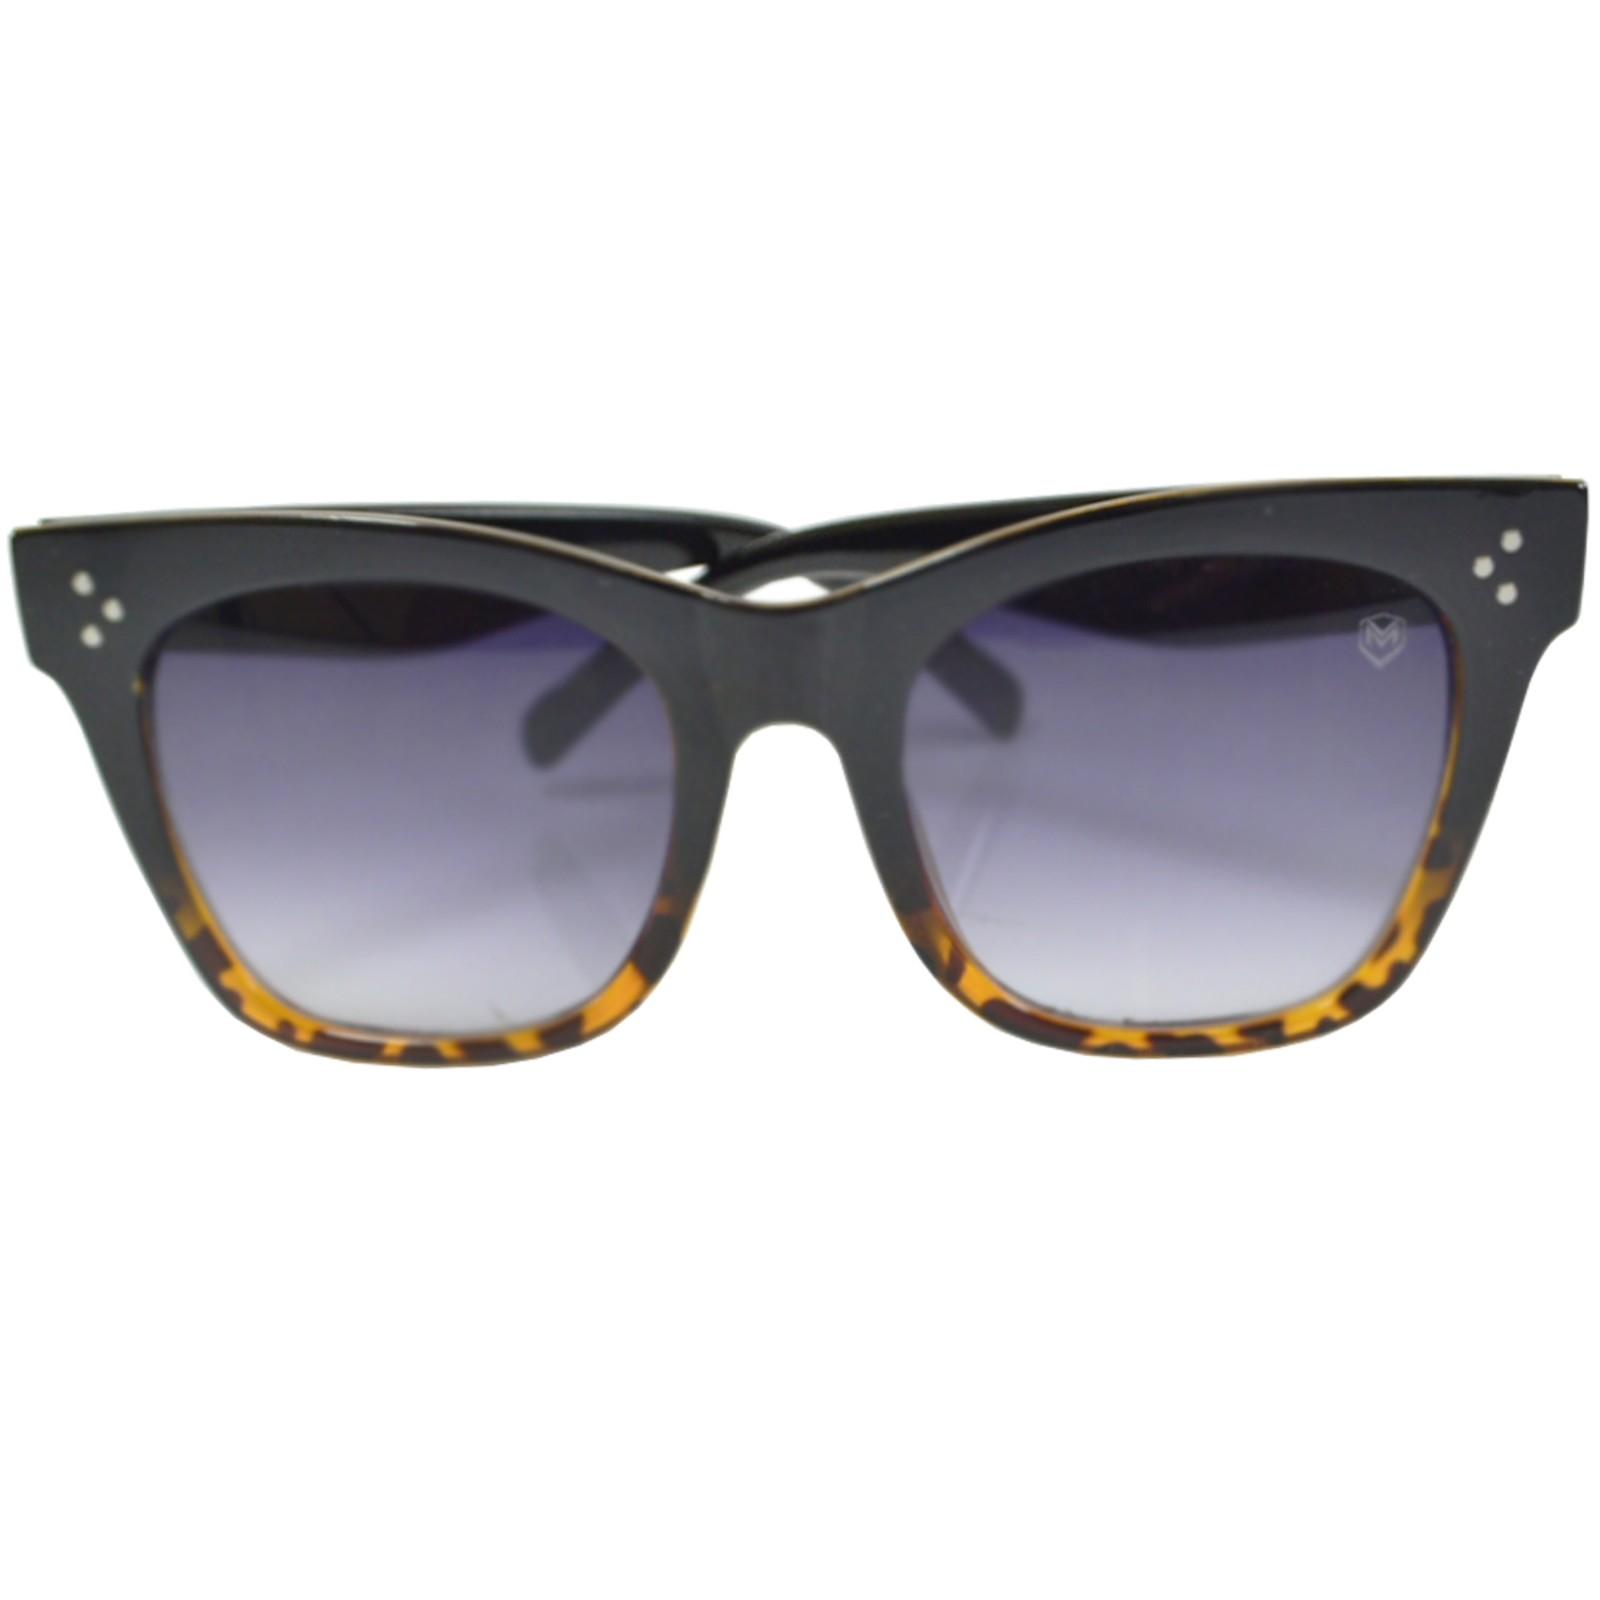 Óculos De Sol Mackage Feminino Acetato Oversize Quadrado Retrô - Preto Tarta